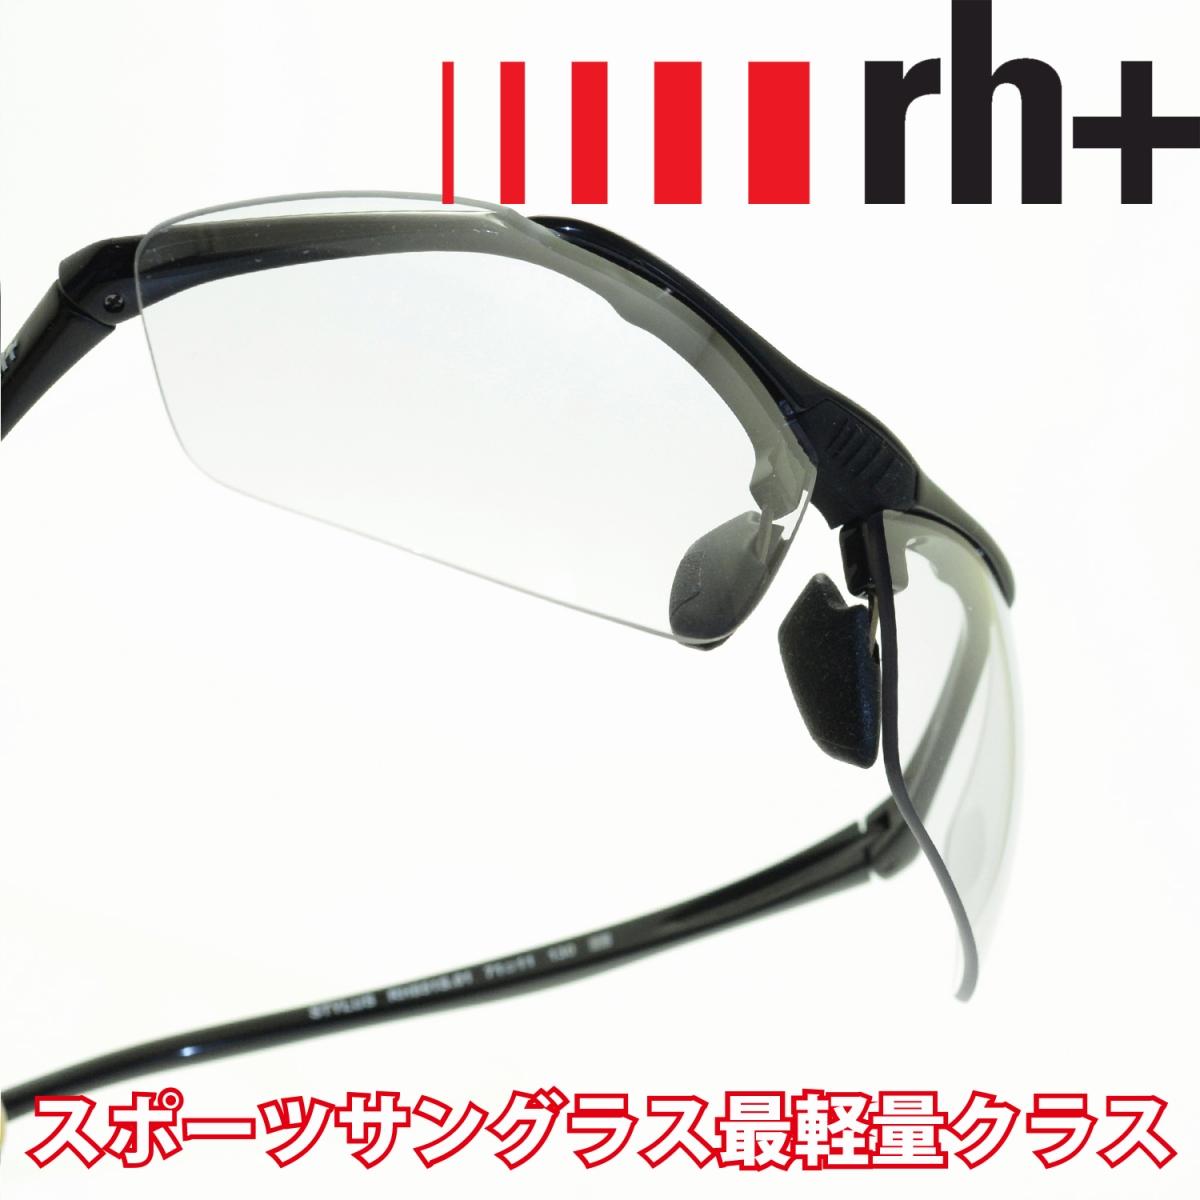 rh+ アールエイチプラス STYLUS JAPAN RH851S57 調光レンズメガネ 眼鏡 めがね メンズ レディース おしゃれ ブランド 人気 おすすめ フレーム 流行り 度付き レンズ サングラス スポーツ